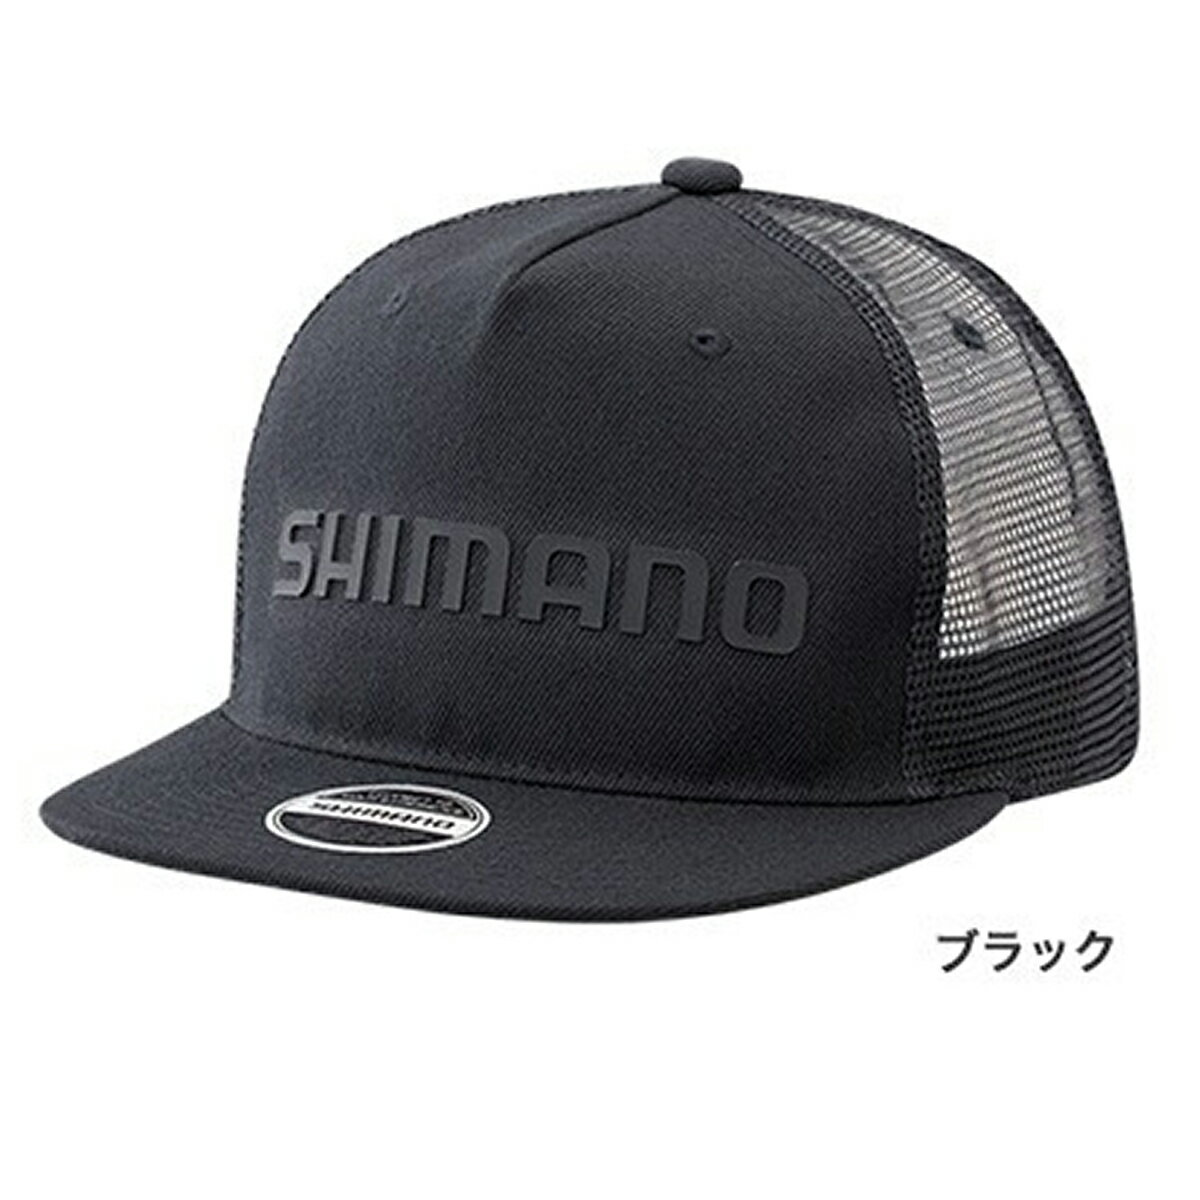 シマノ フラットブリムメッシュキャップ CA-092R フリー ブラック